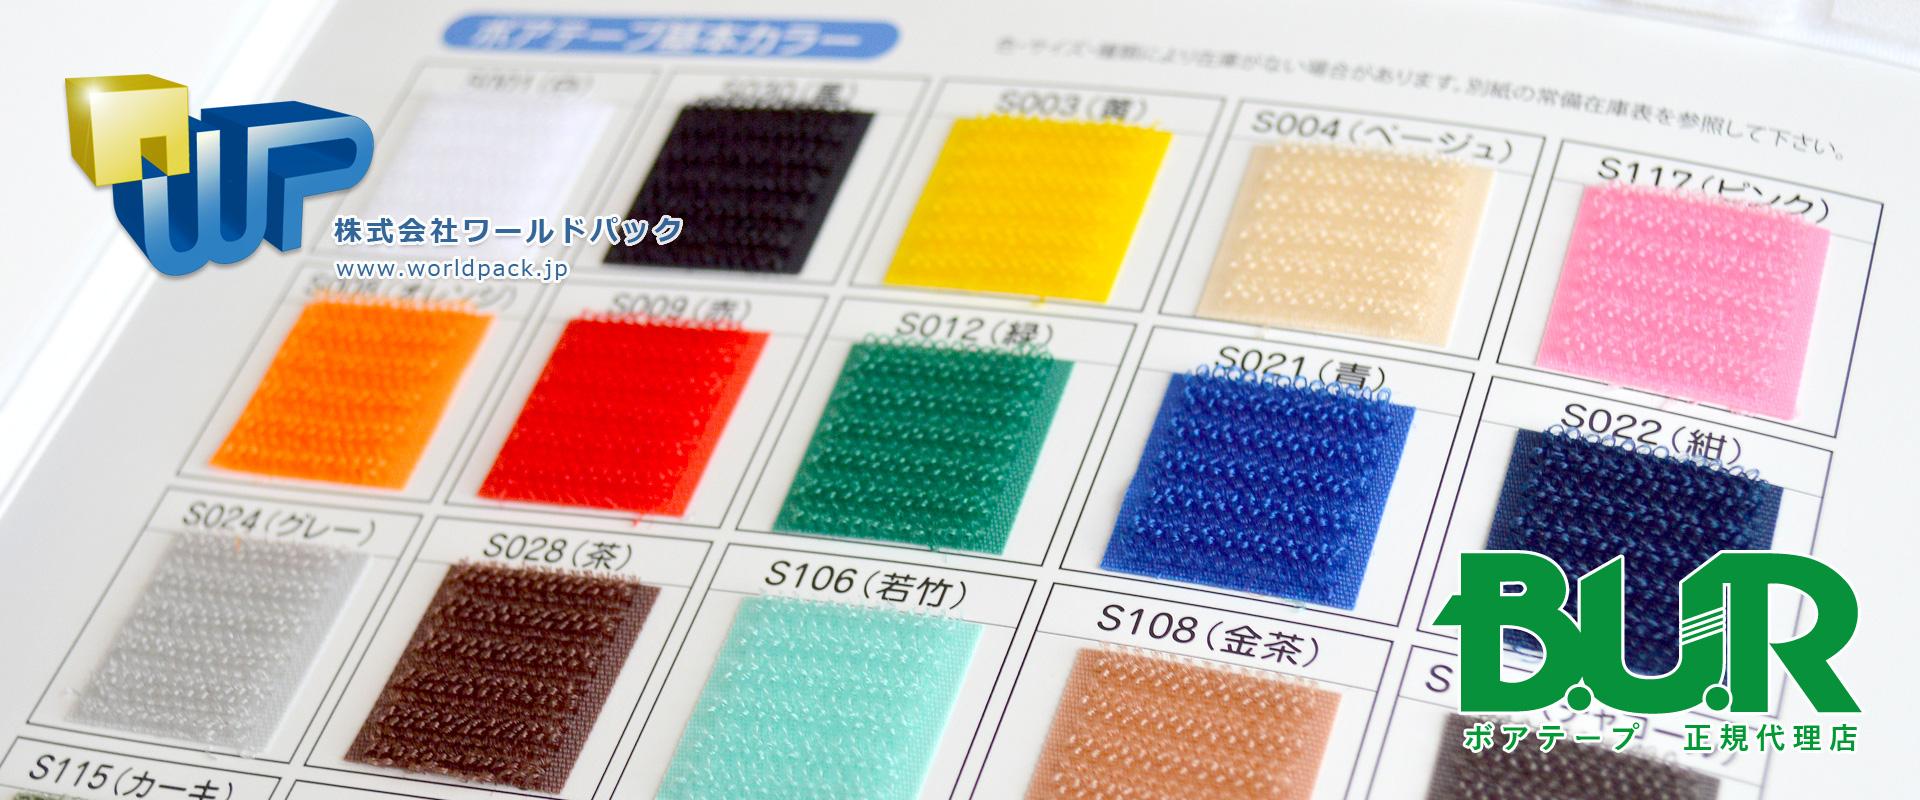 カラー面ファスナー カラー全16色 ボアテープ 衣料品、アパレル、梱包資材 株式会社ワールドパック